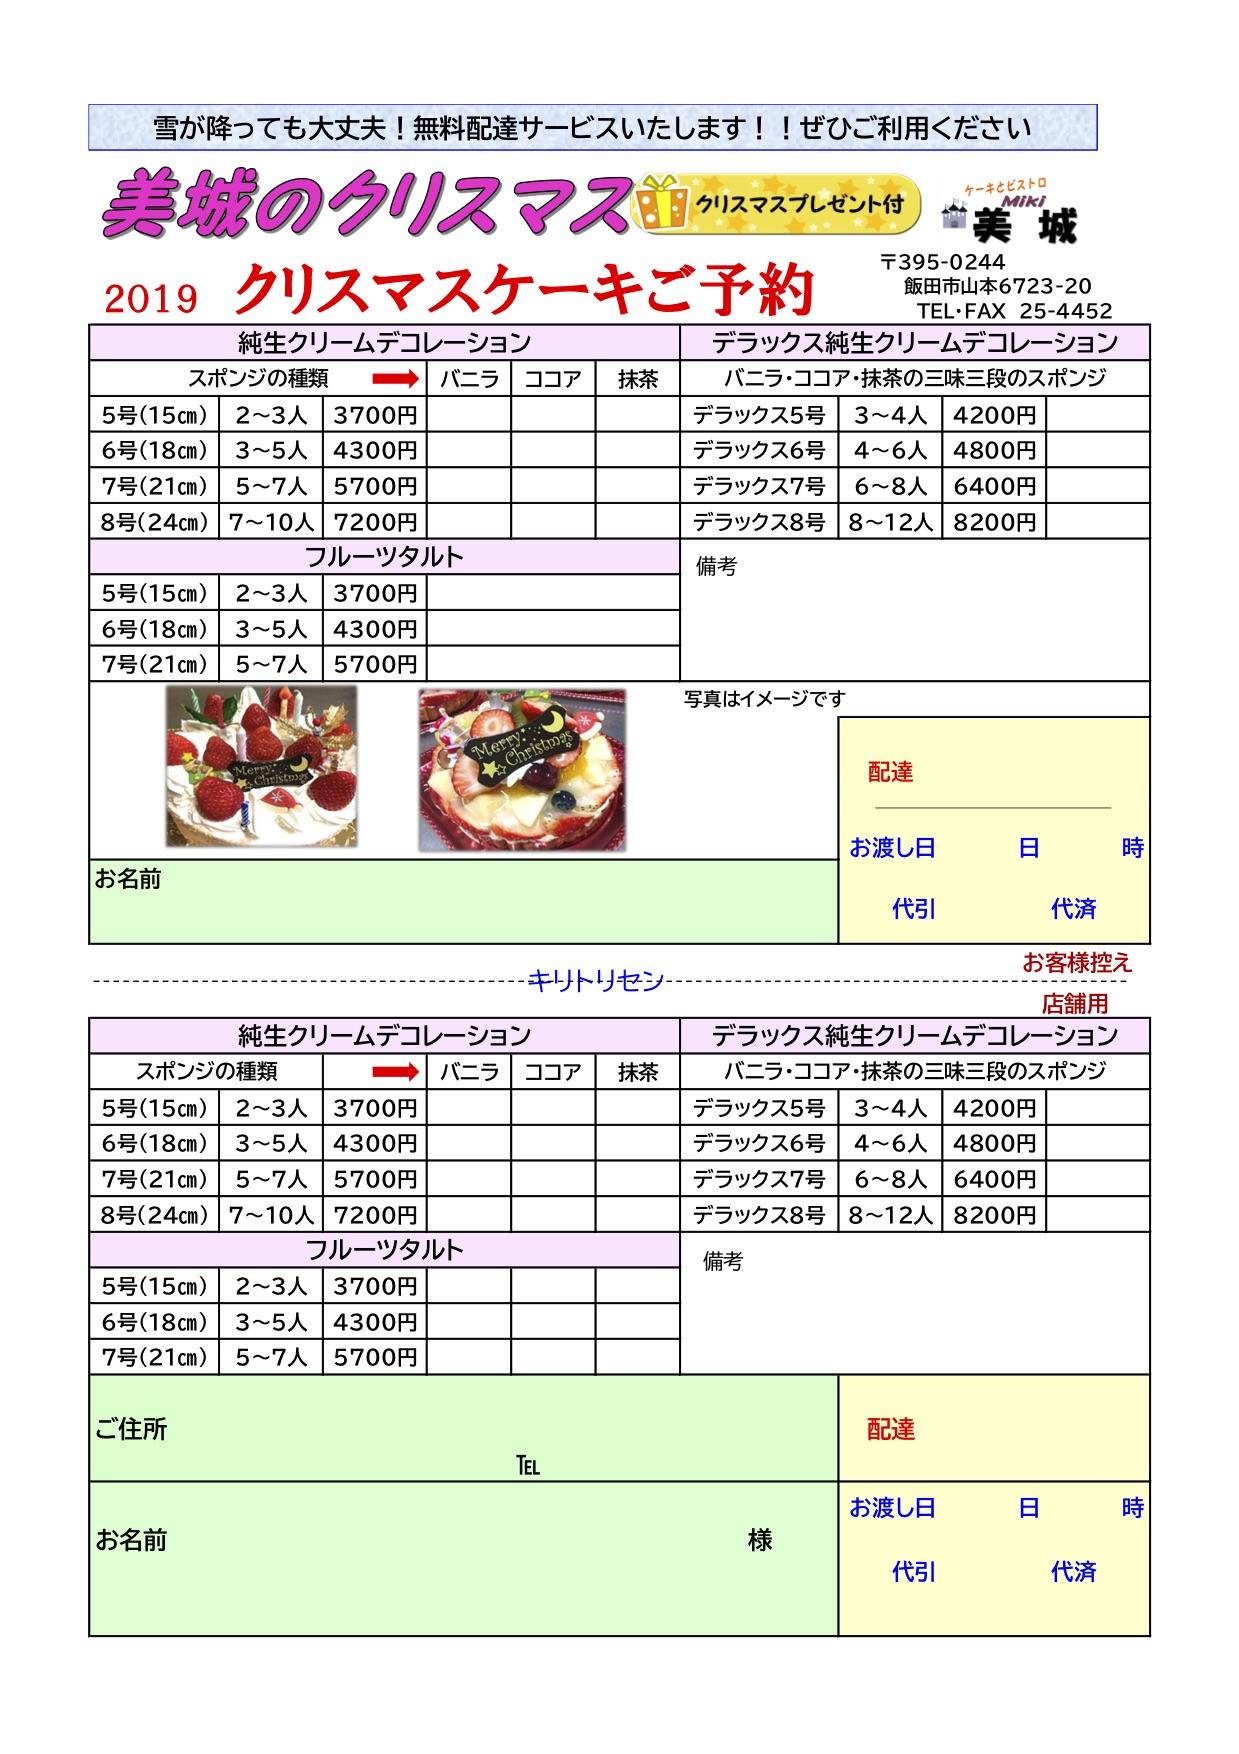 クリスマスケーキ2019予約票